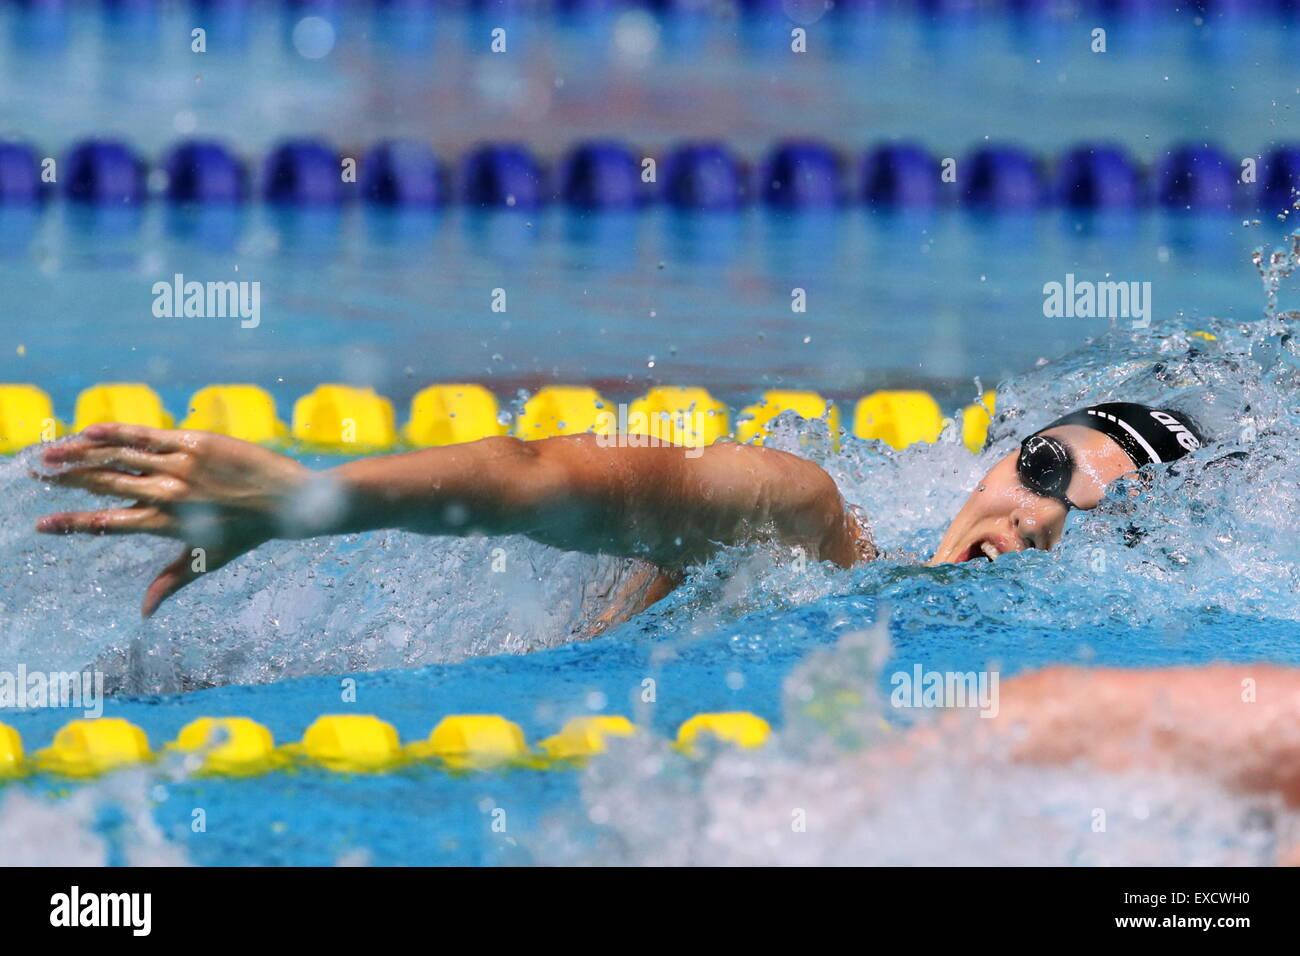 Gwangju, Corea del Sur. El 10 de julio, 2015. Yui Yamane (JPN) nadando : El 28 verano Universiadas 2015 Gwangju Imagen De Stock